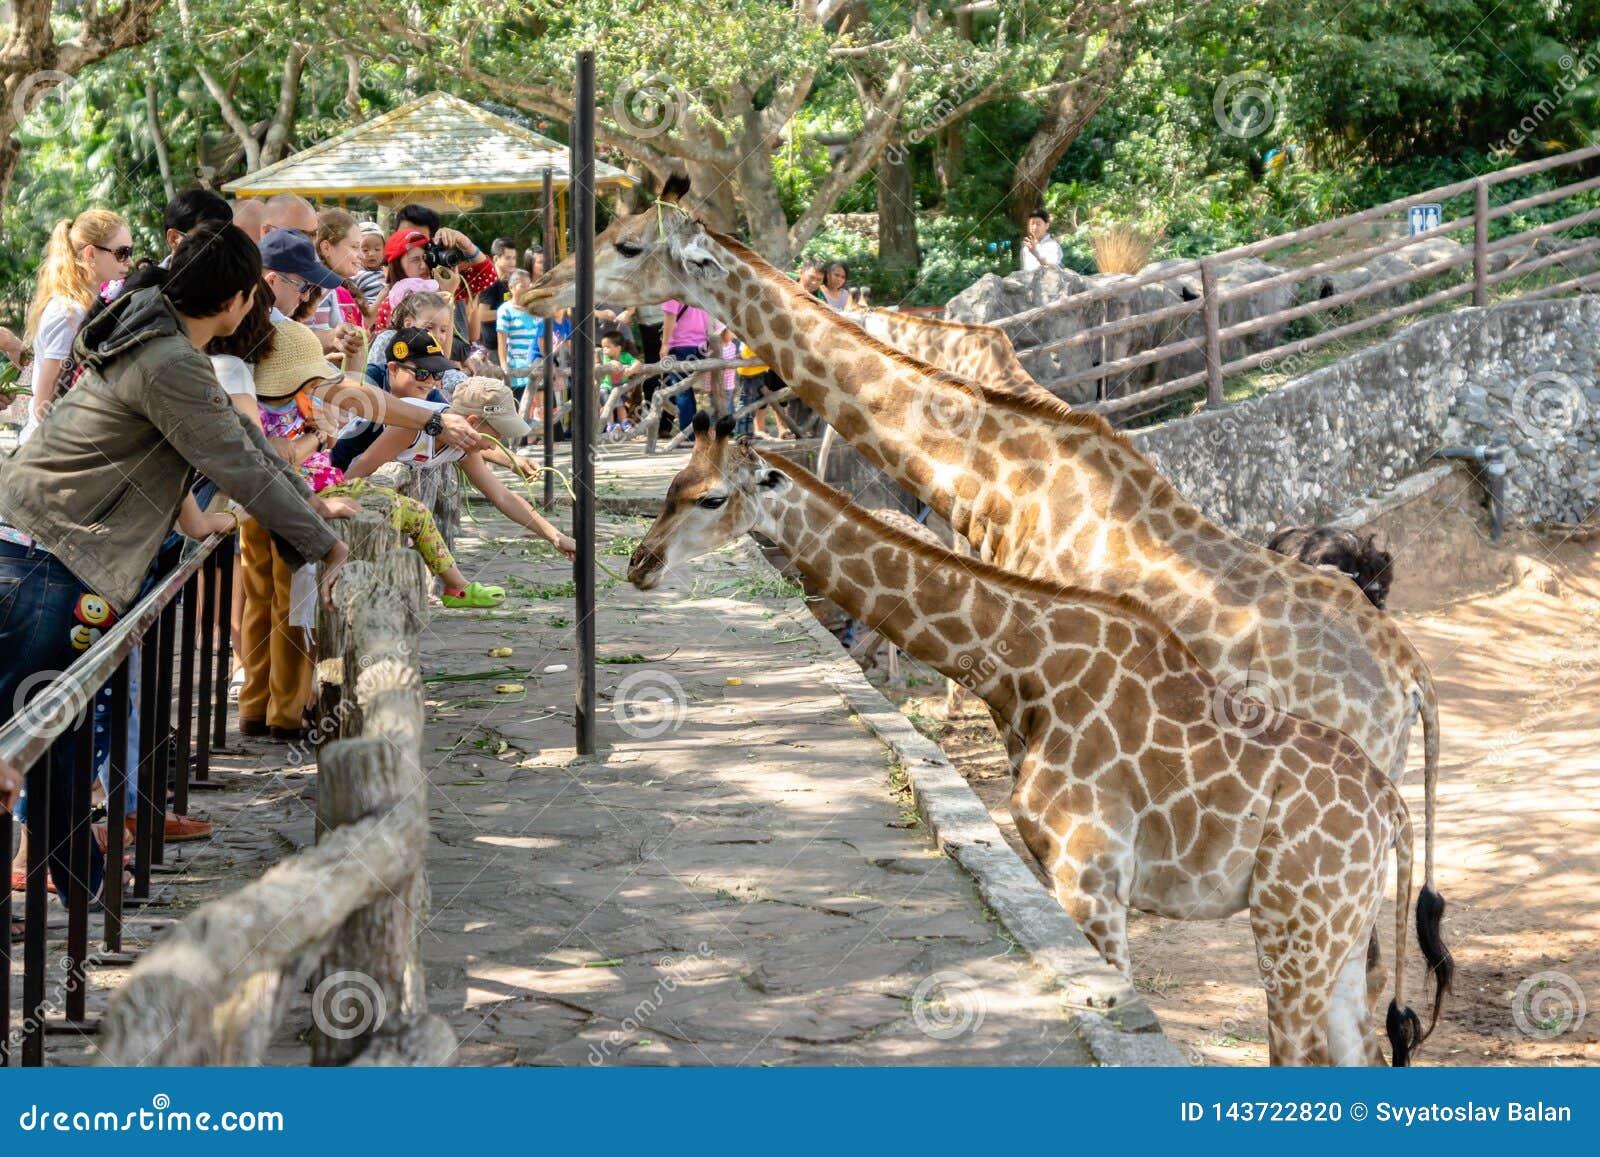 Los turistas alimentan jirafas en el parque zoológico de Pattaya